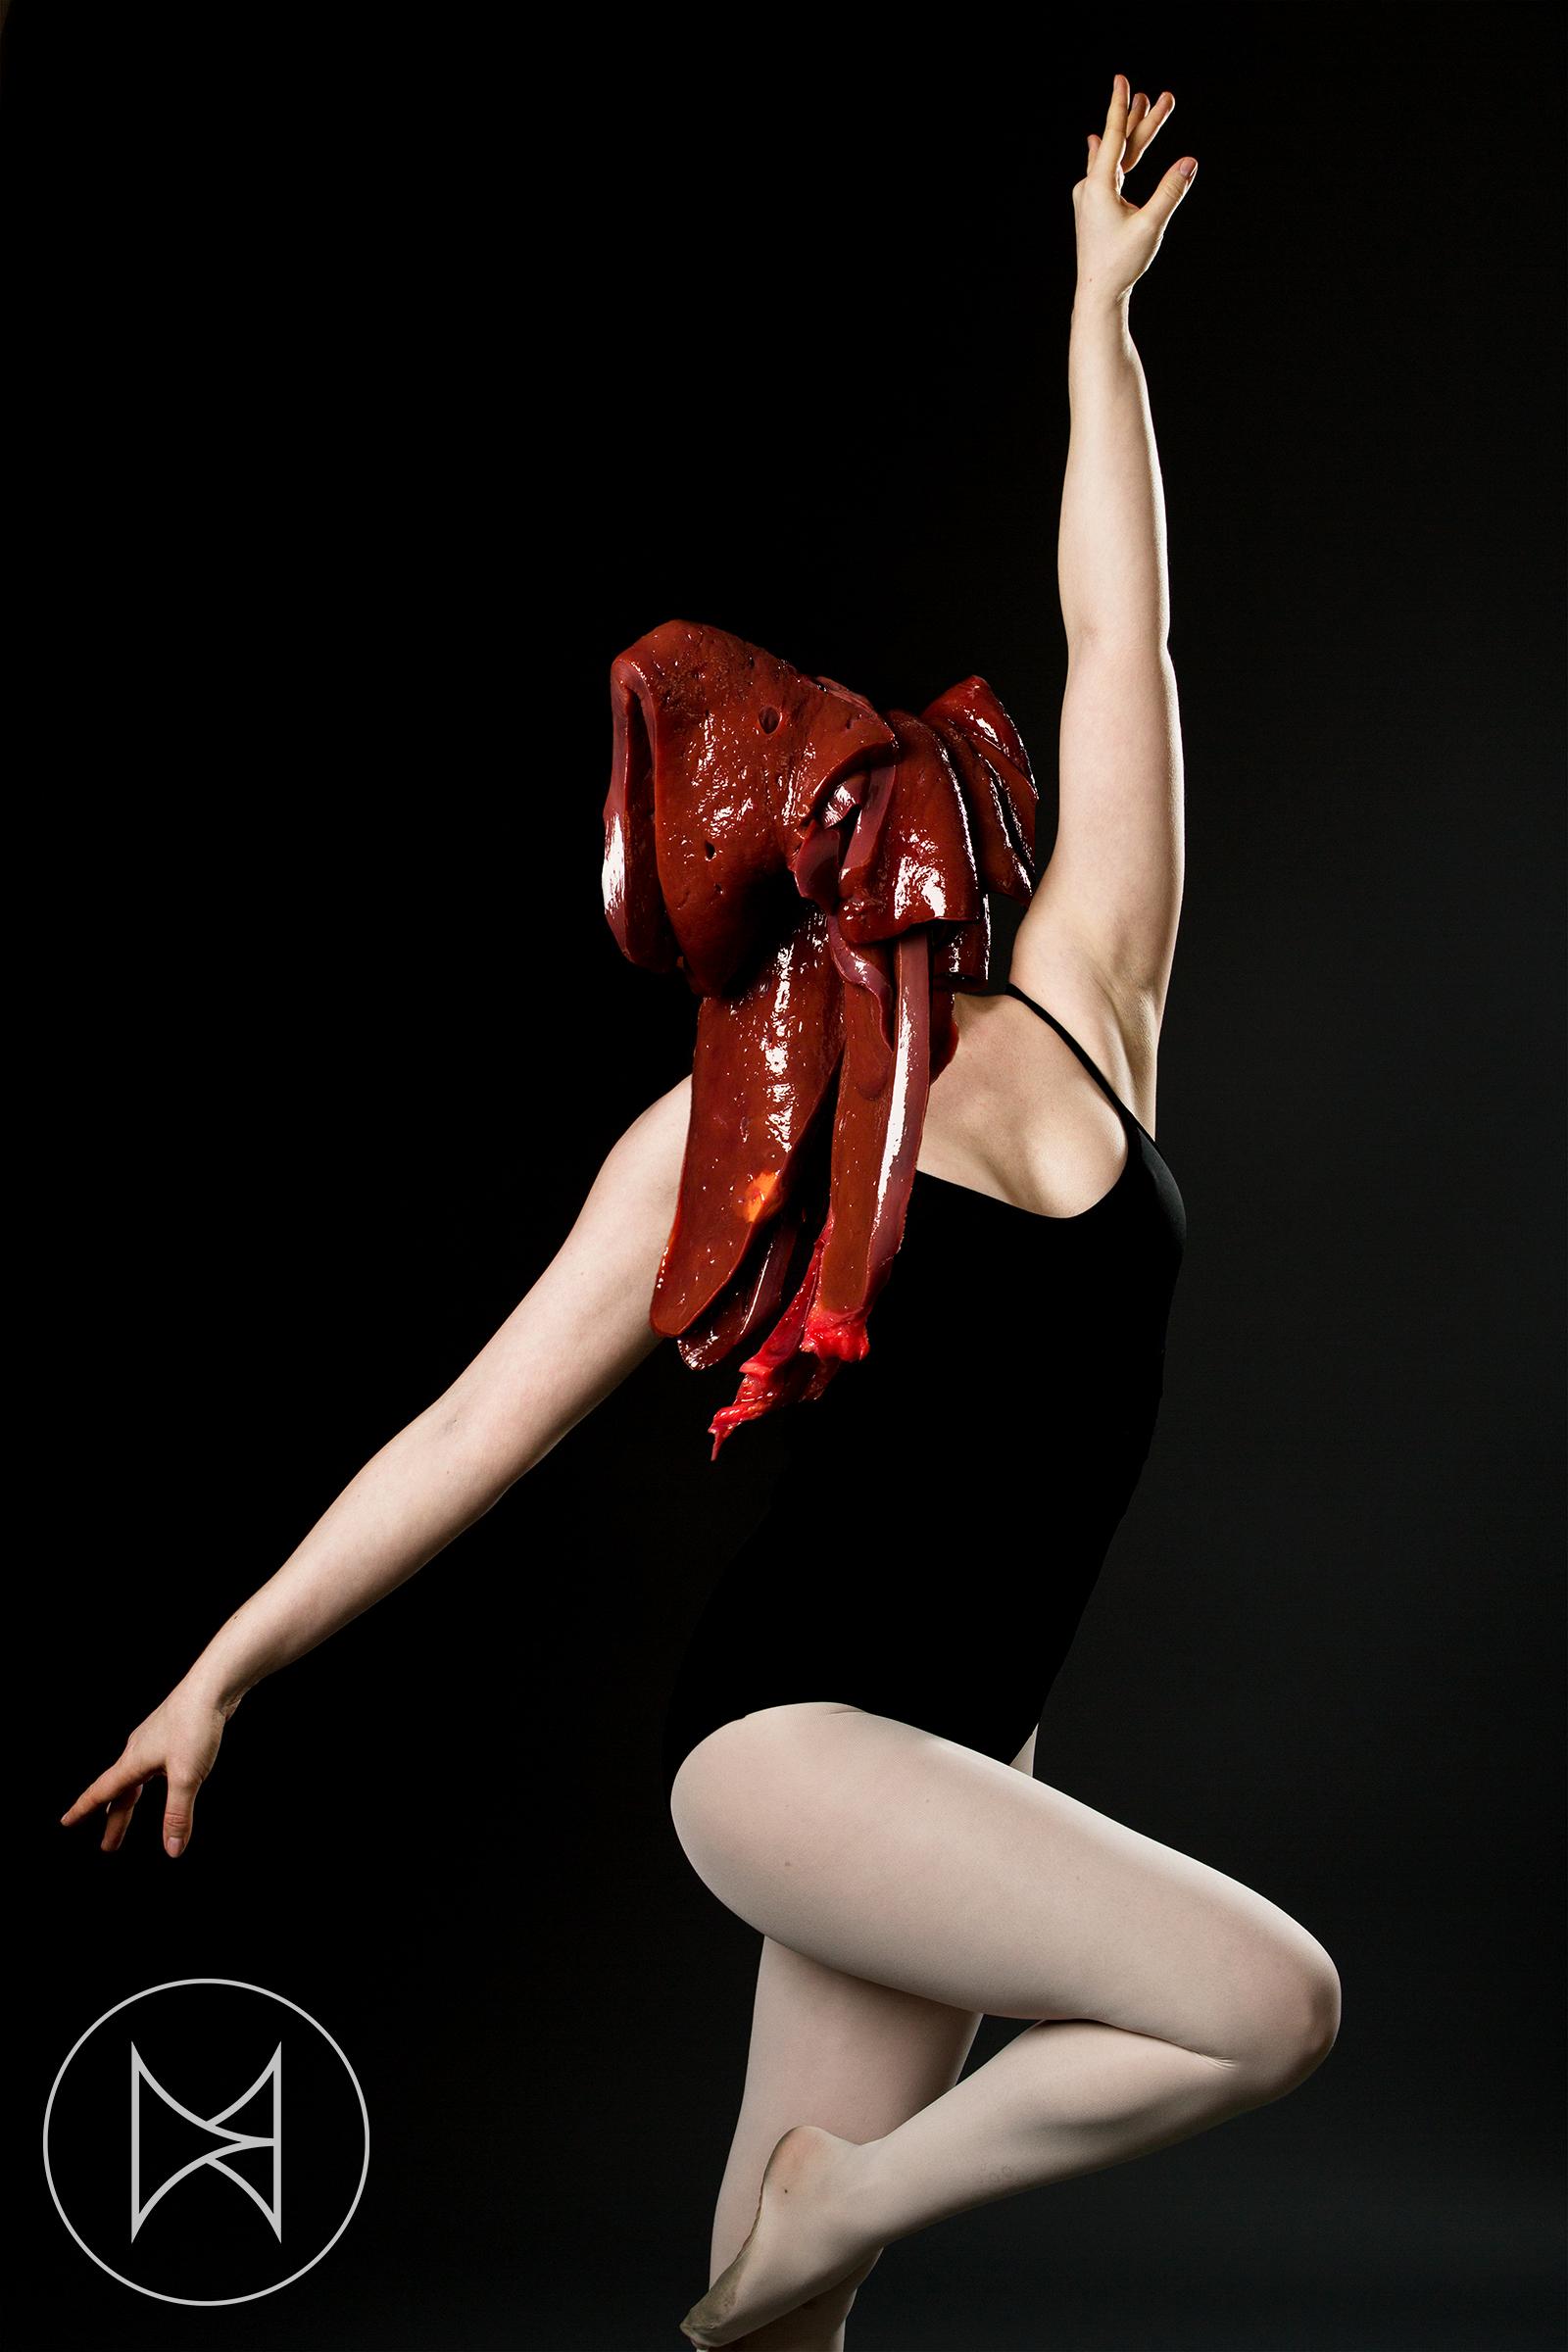 Hellion_Dancer_Darker.jpg